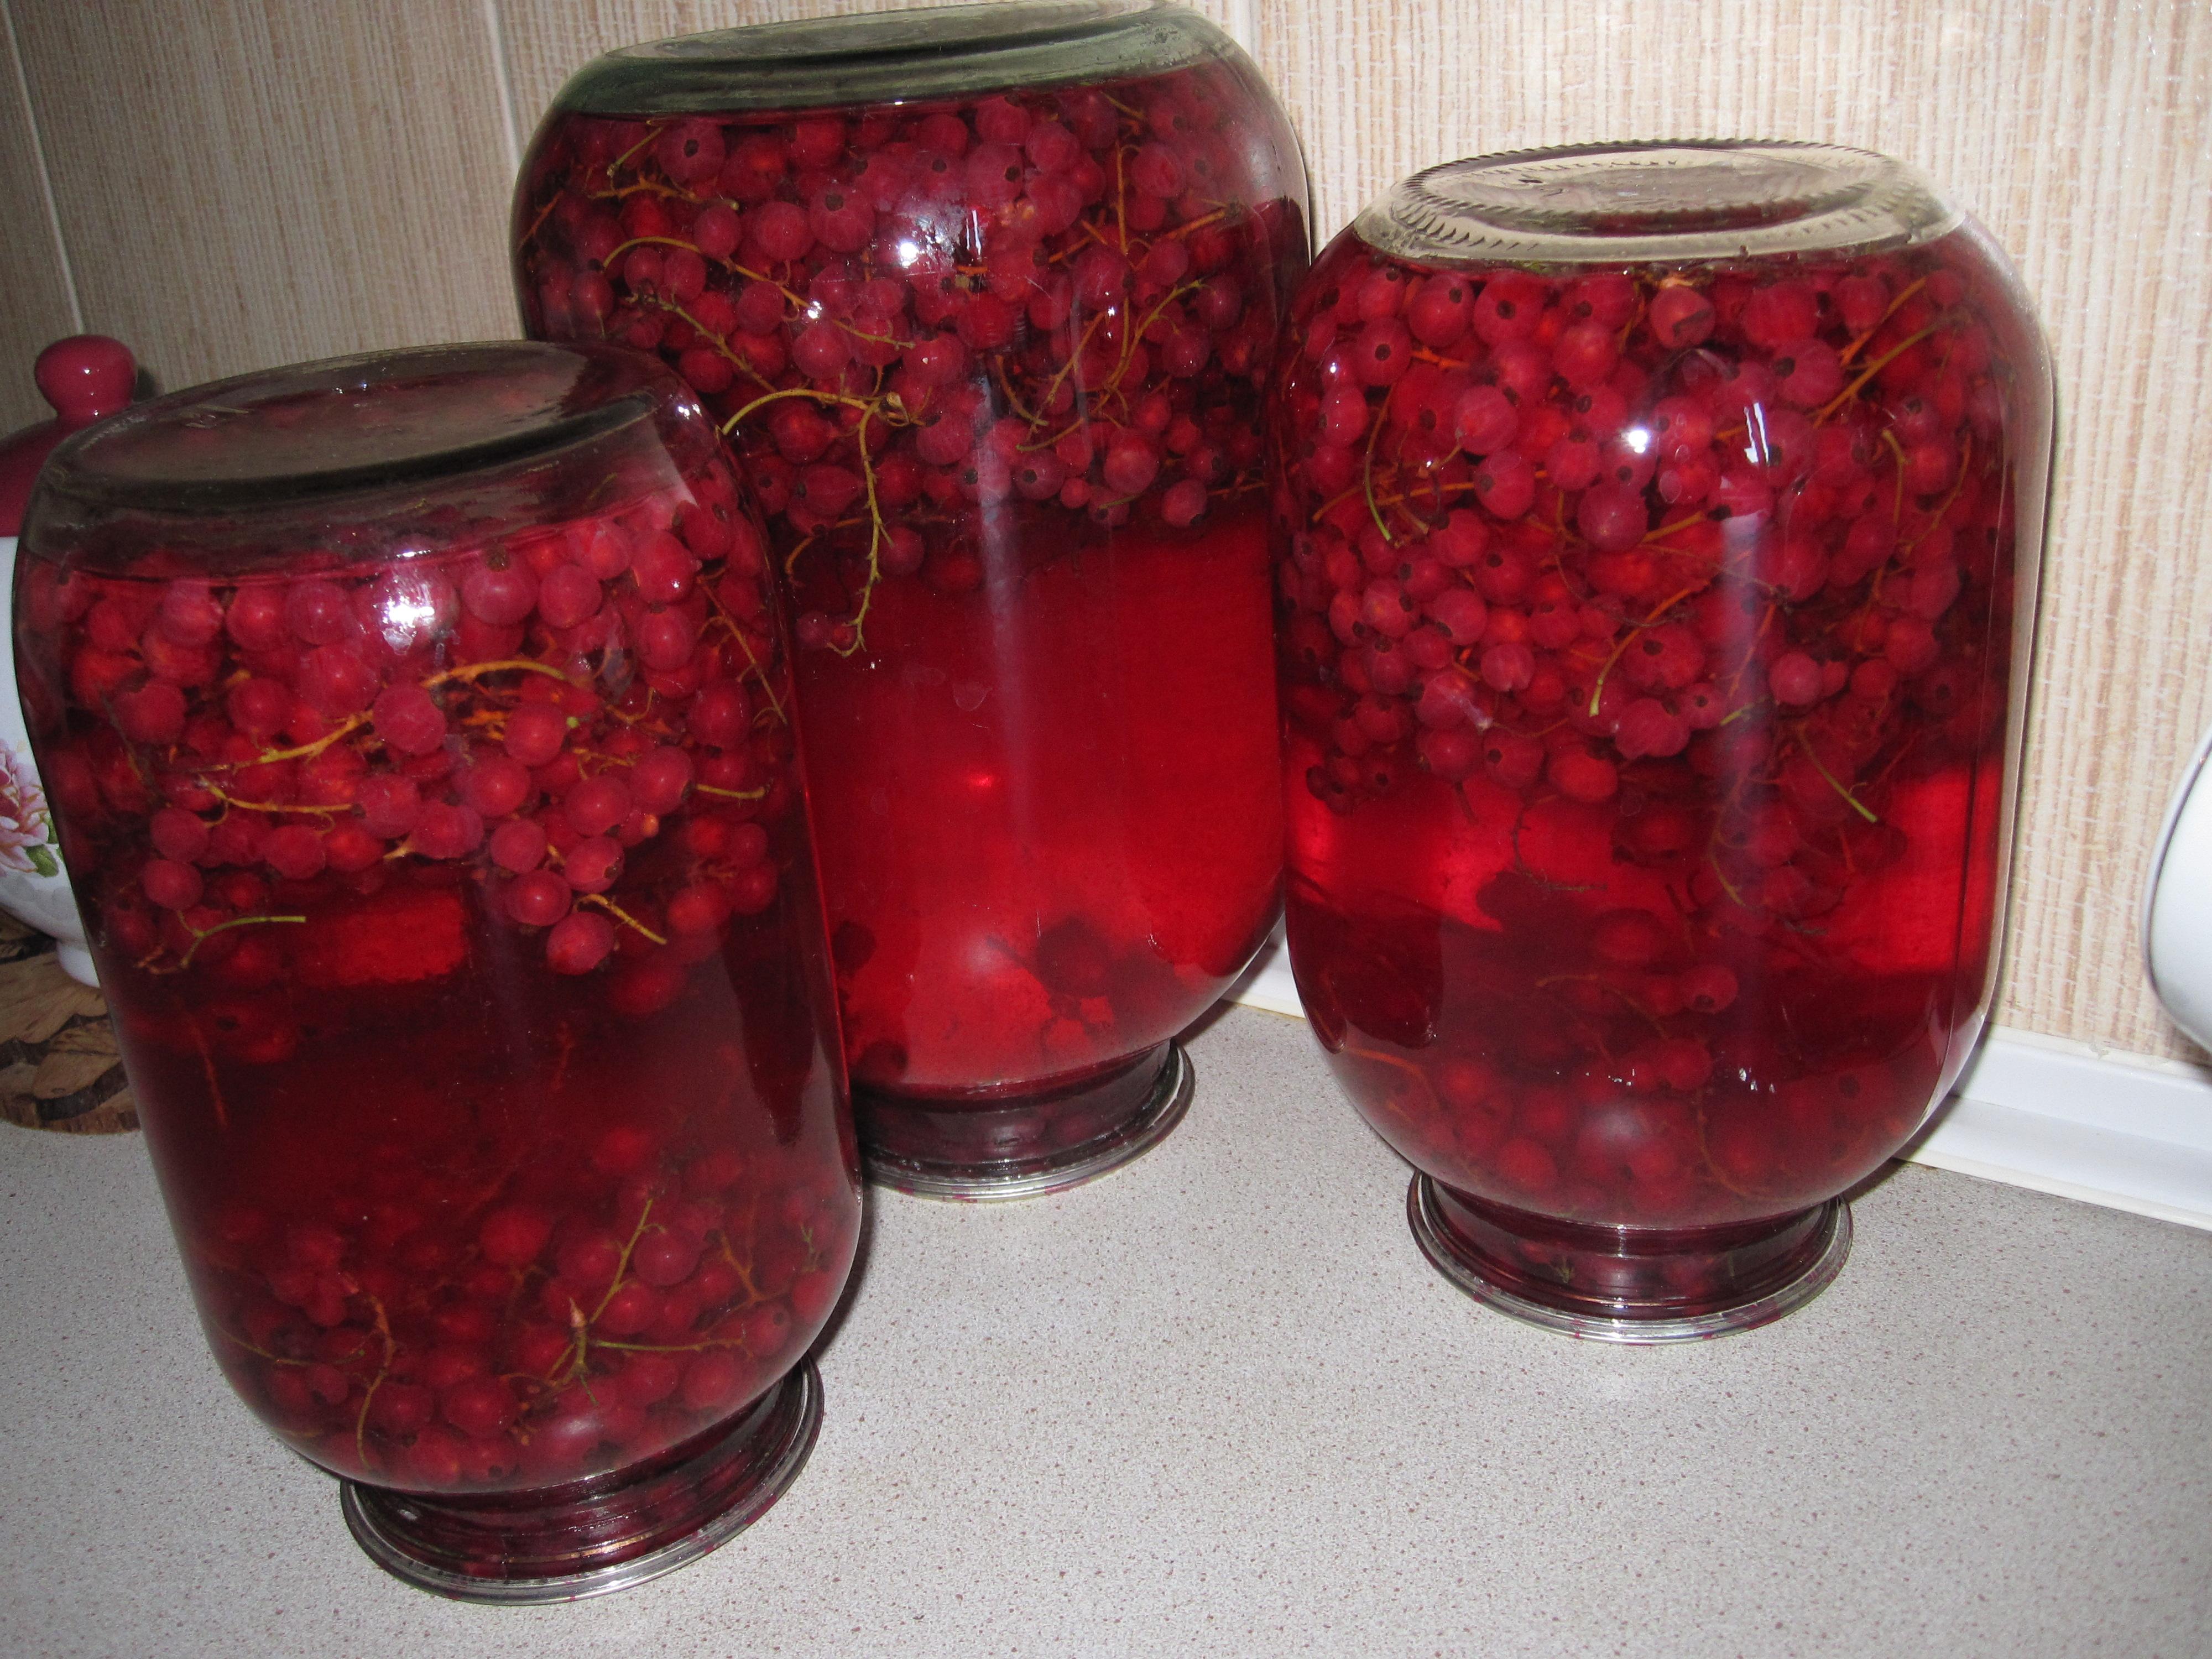 Рецепты заготовок из красной смородины на зиму: что сделать из ягод, можно ли быстро приготовить компот, делают ли из нее варенье без сахара